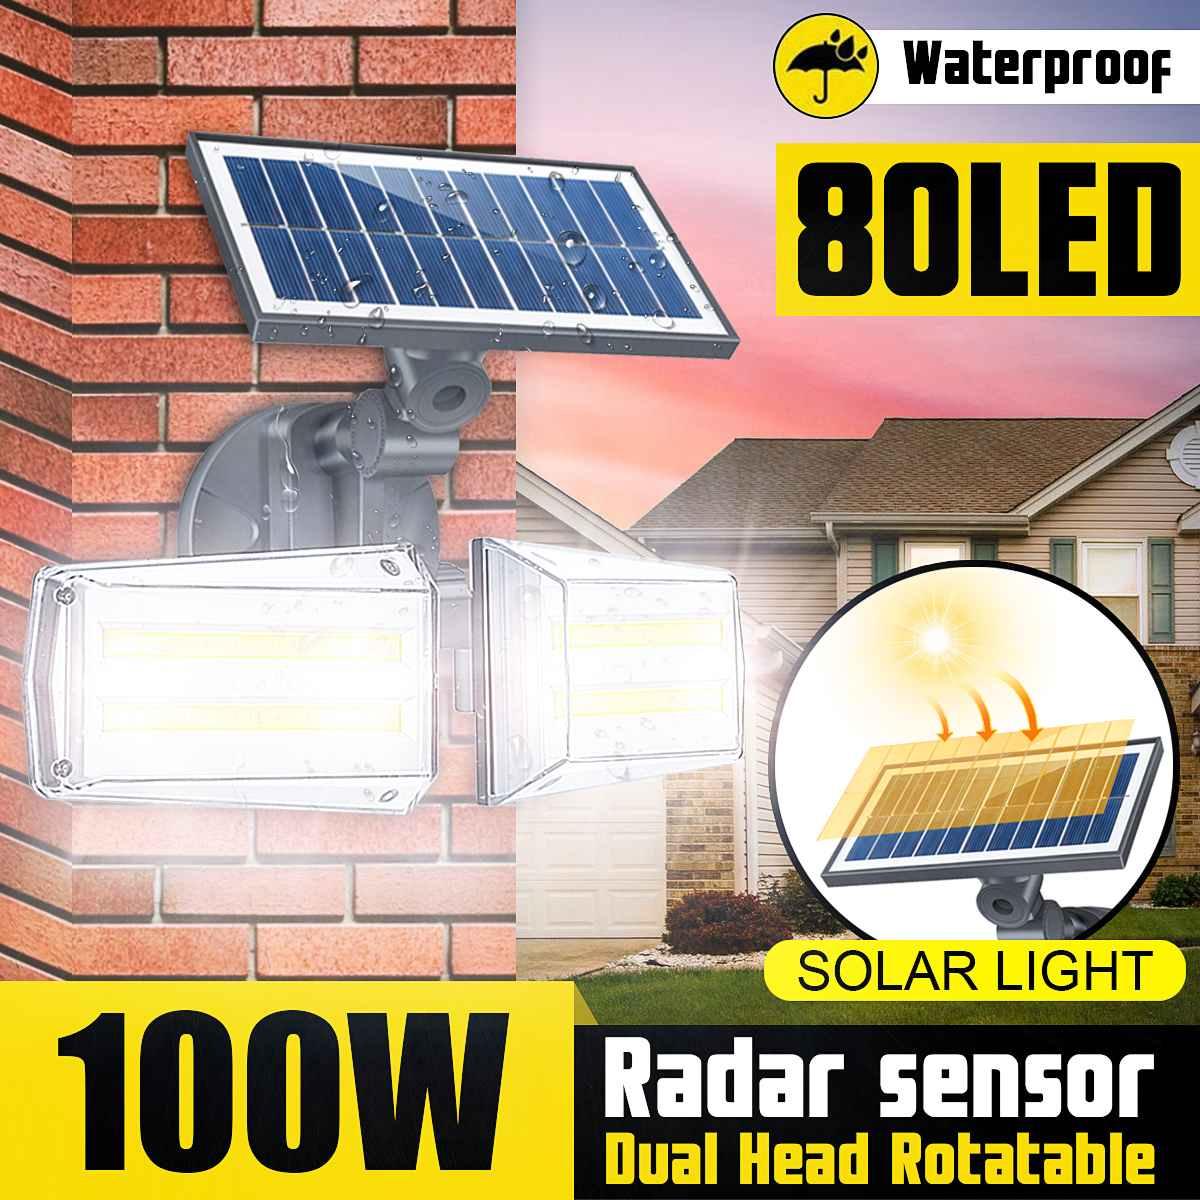 80led dupla cabeça solar sensor de radar luz parede cob lâmpada de parede holofotes ao ar livre jardim solar luz quintal 100 w conduziu a lâmpada à prova dwaterproof água